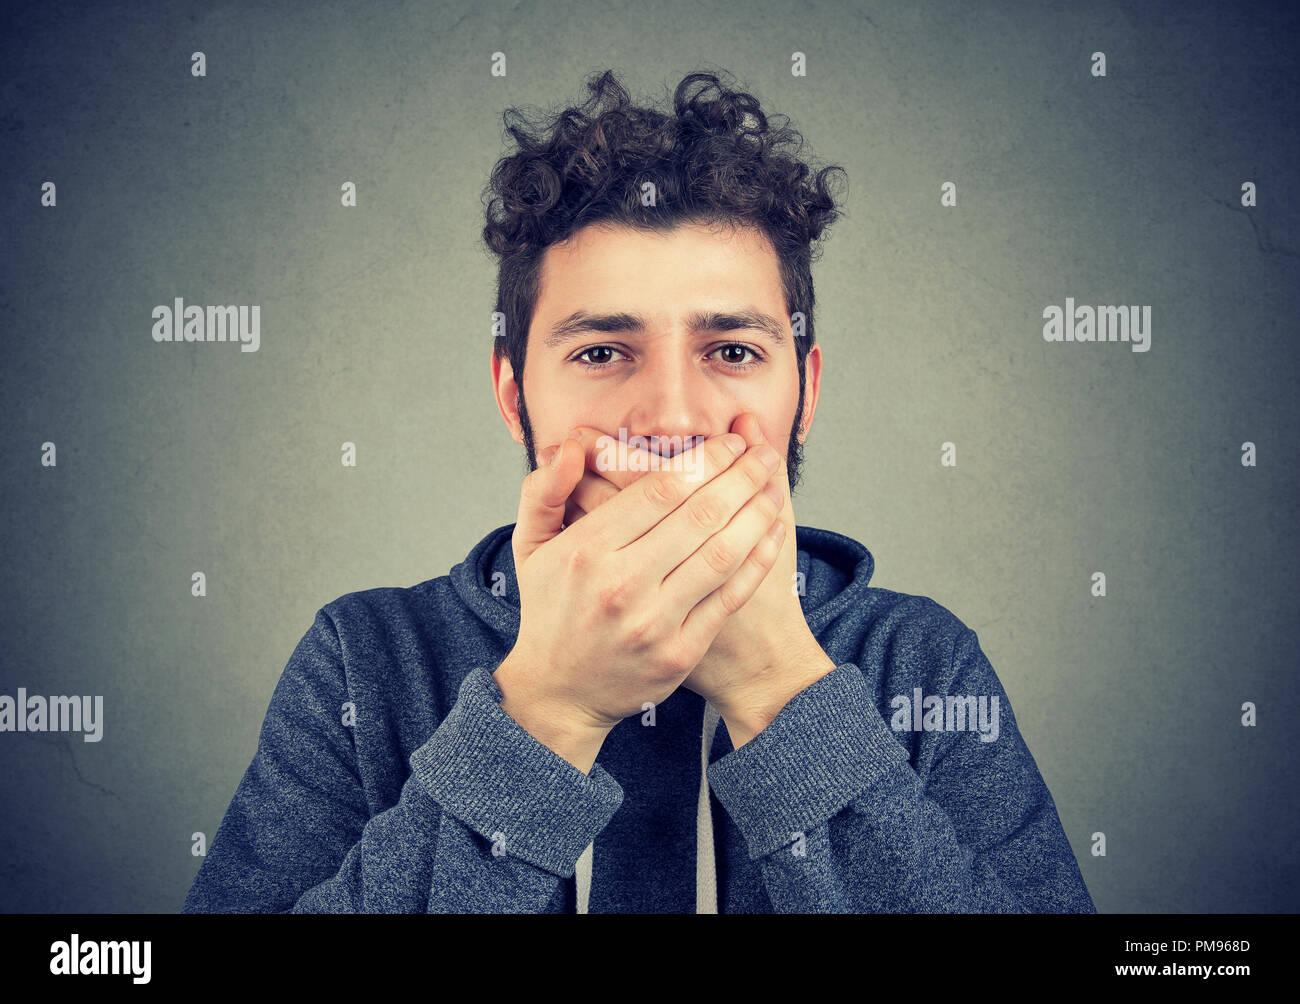 Junge hipster Mann, Mund halten Datenschutz und sprechen kein Übel Stockbild